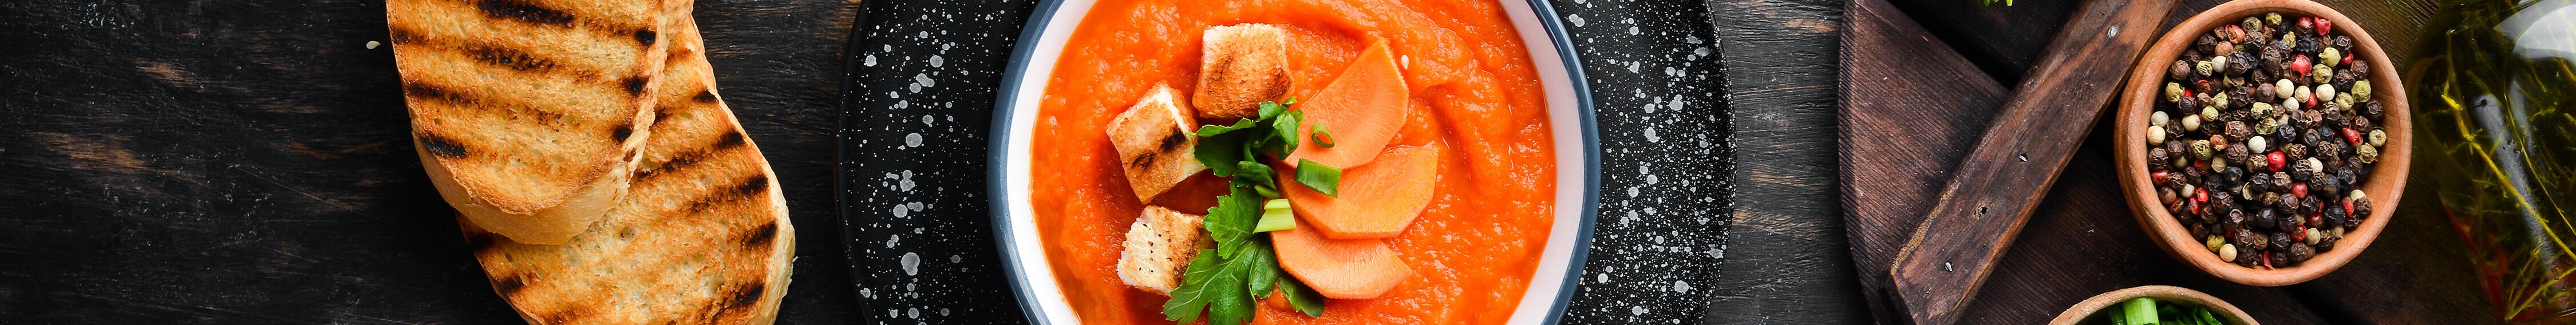 Suppen & Bindemittel